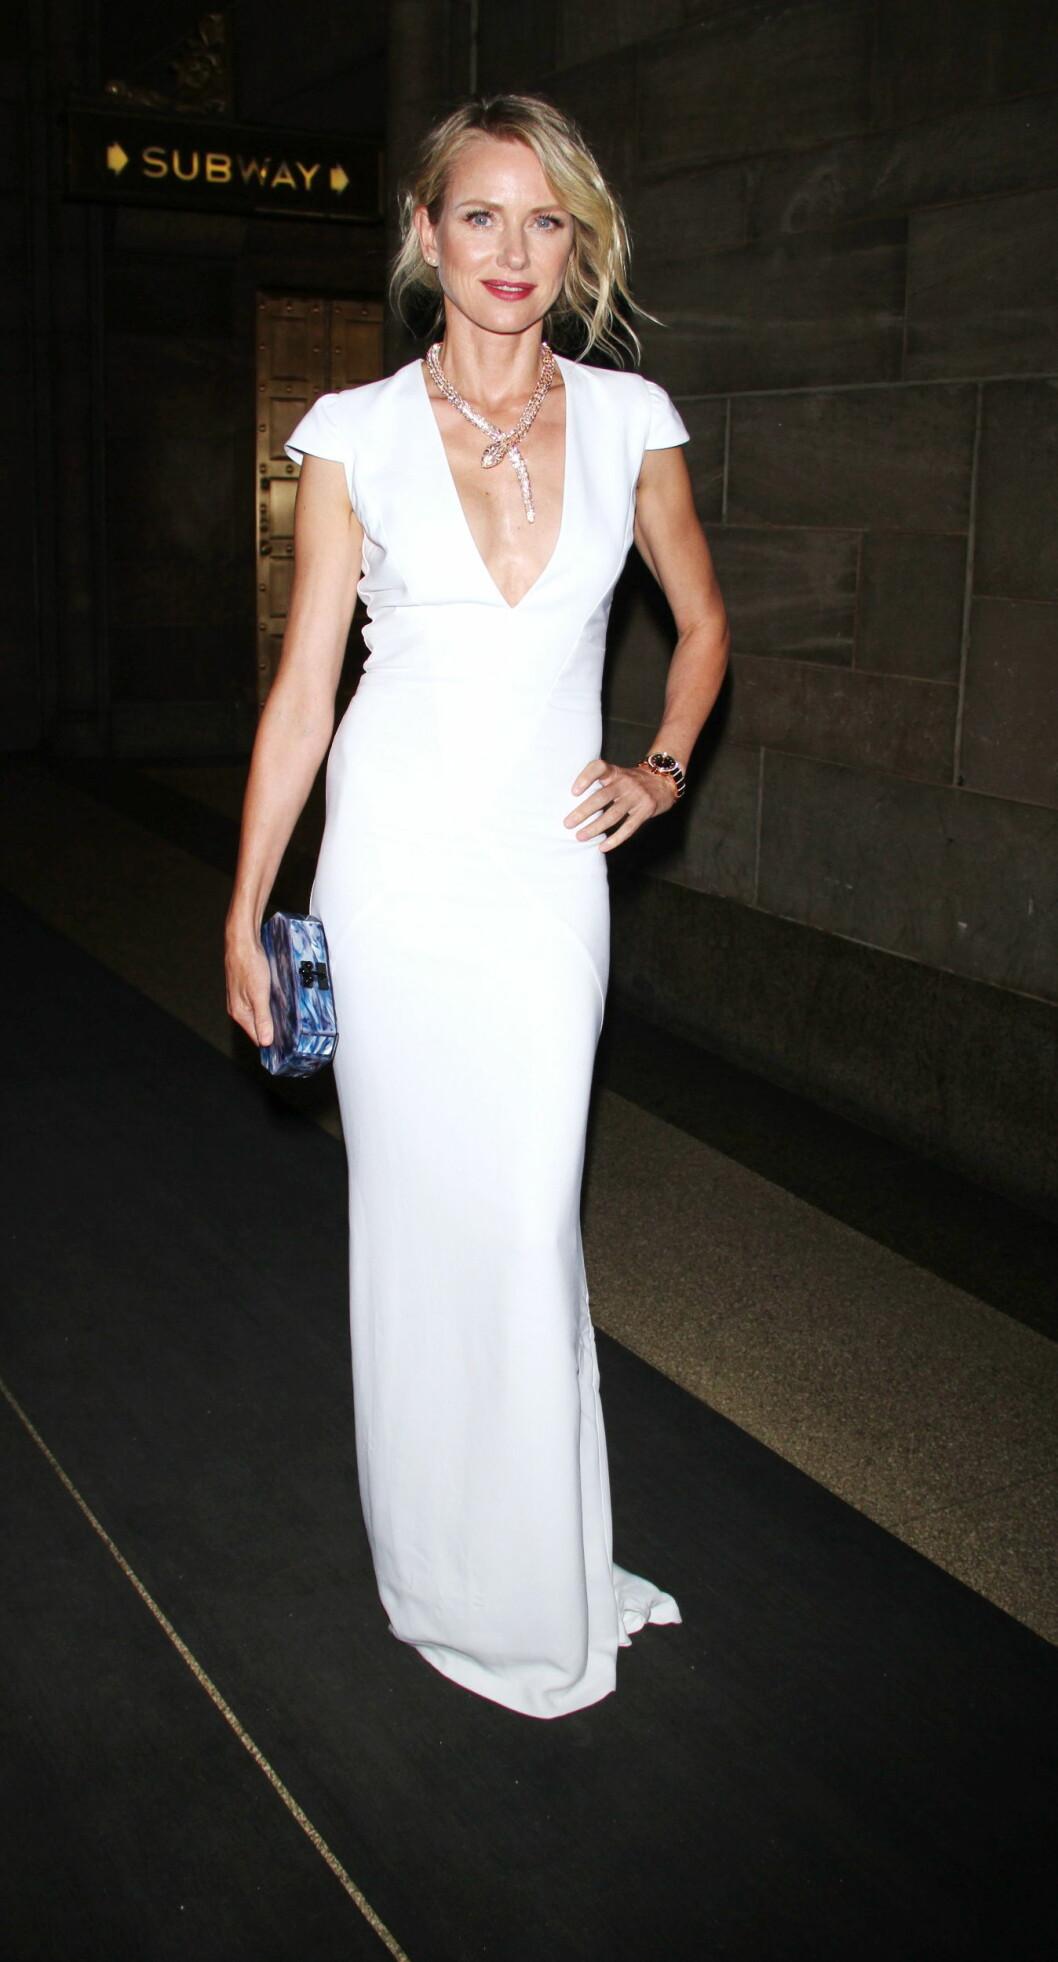 45 ÅR: Naomi Watts blir bare vakrere og vakrere med årene, og med sin sylfideaktige figur ser stjernen nydelig ut i kroppsnære kjoler. Foto: All Over Press